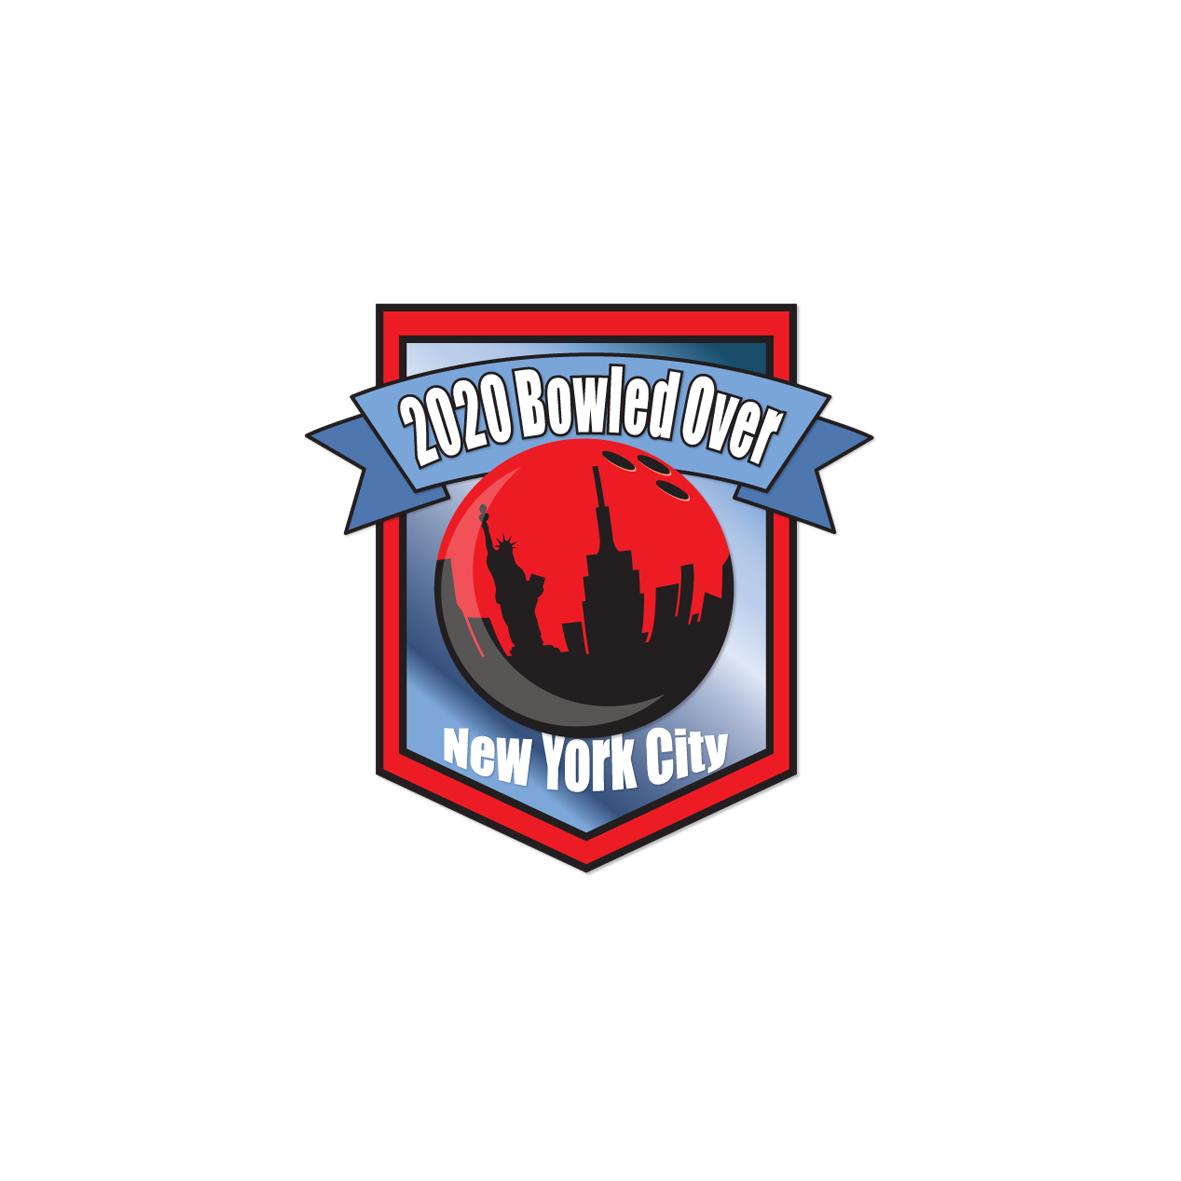 Bold Masculine Logo Design For 2020 Bowled Over New York City By Samantha Ward Design Design 22399560